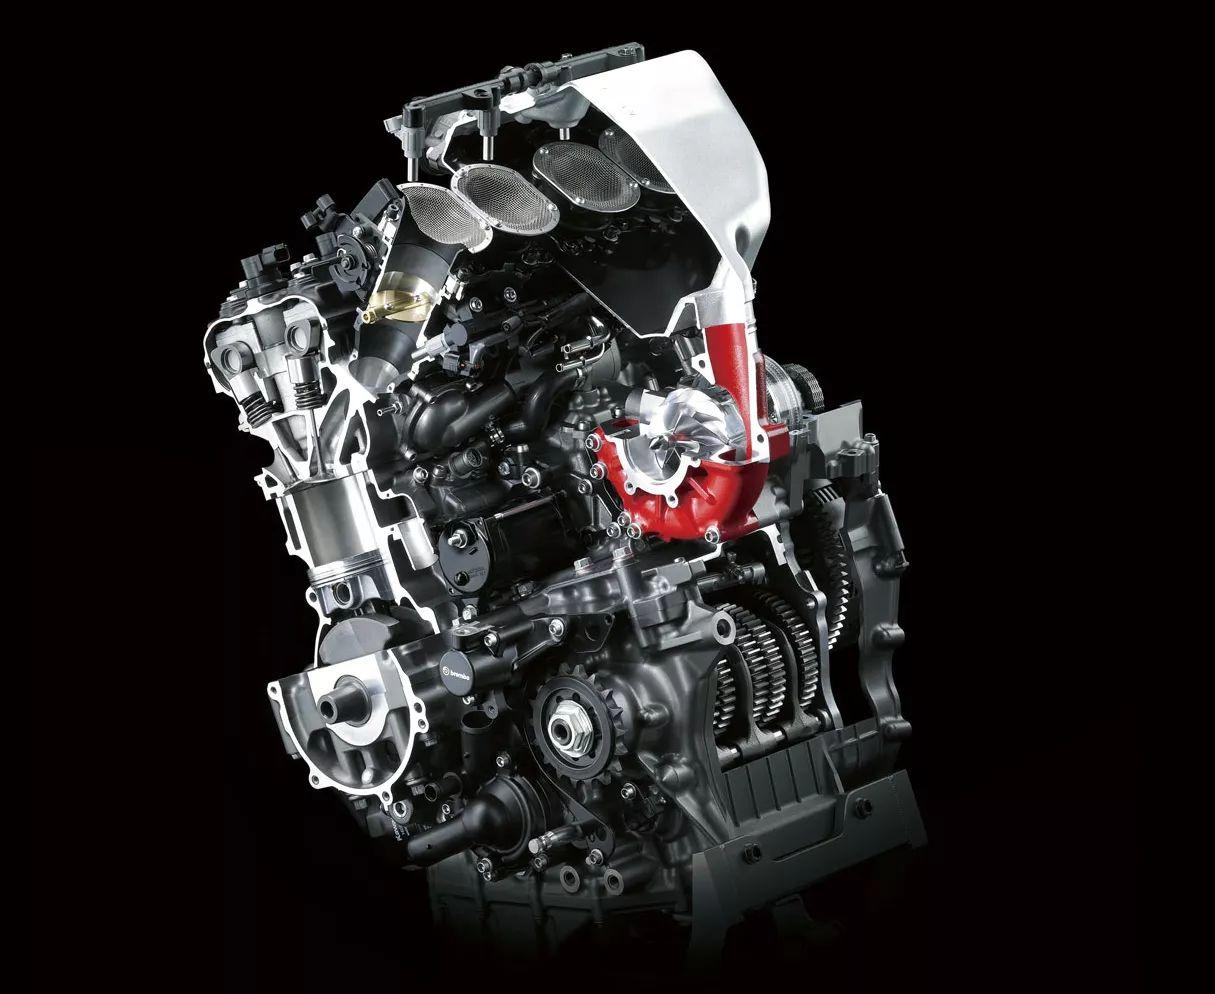 在2015年东京车展上,川崎携怪兽兄弟h2与h2r与疑似新款增压发动机